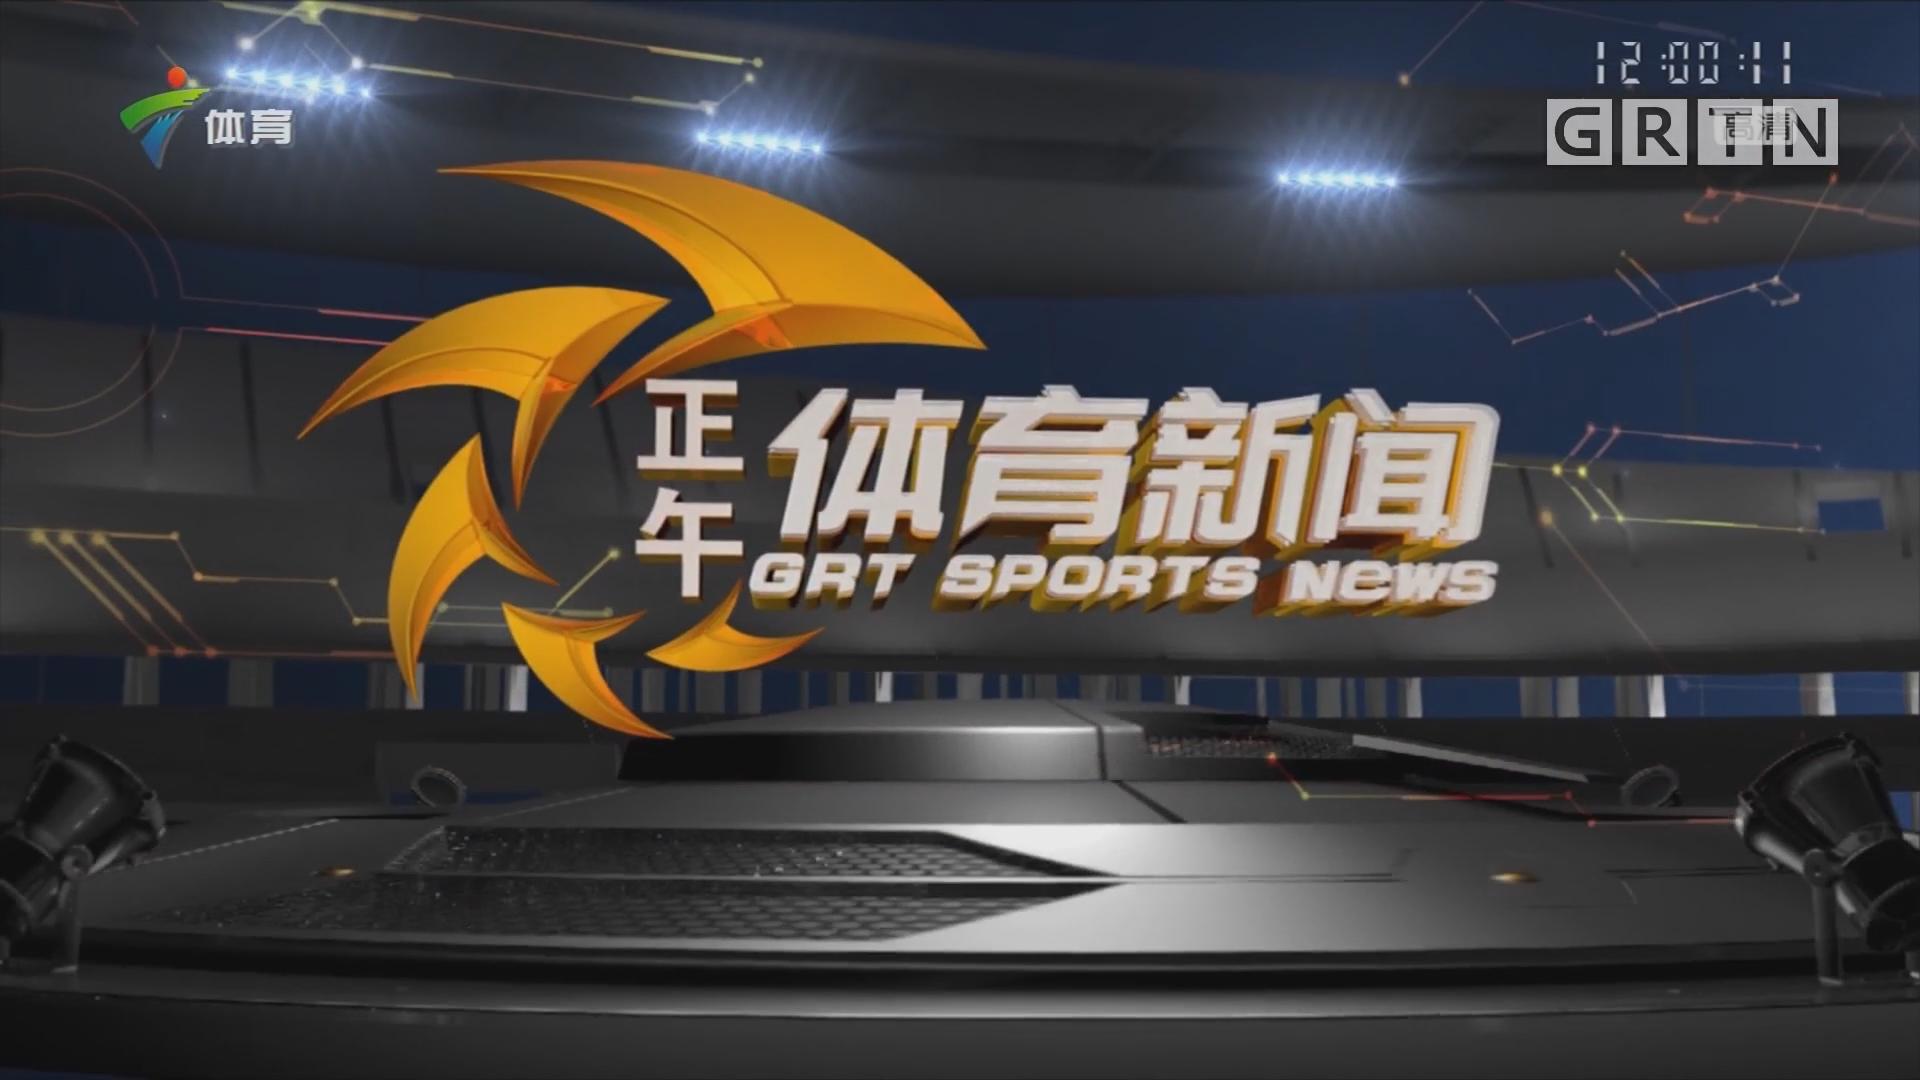 [HD][2019-12-01]正午体育新闻:关键战前踩场天体 广州恒大力求万无一失